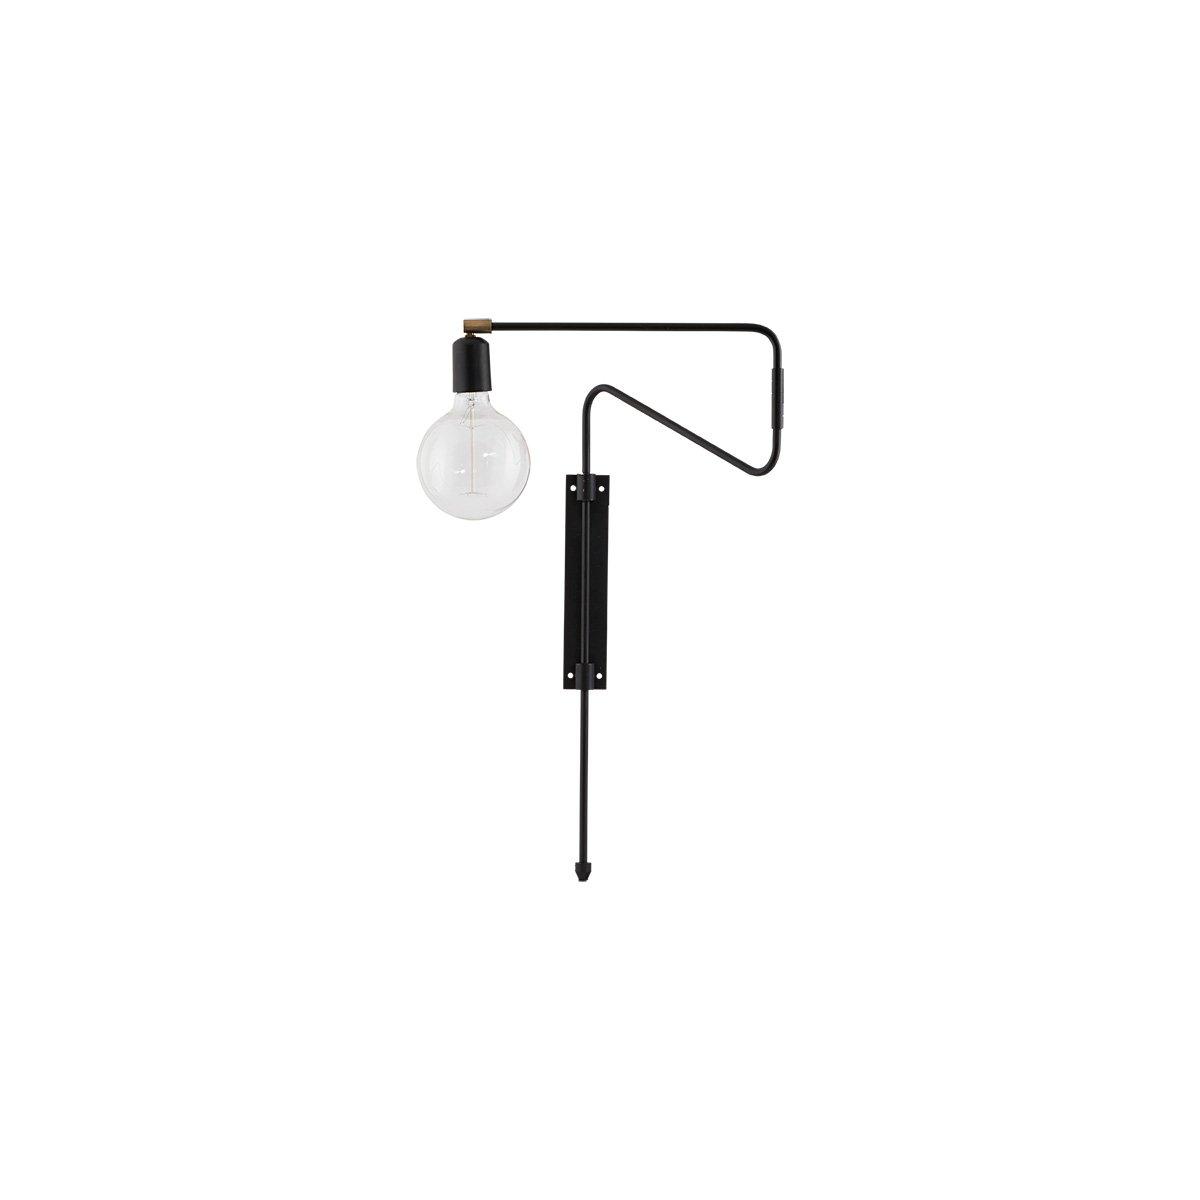 House Doctor - Swing Lamp (CB0210)